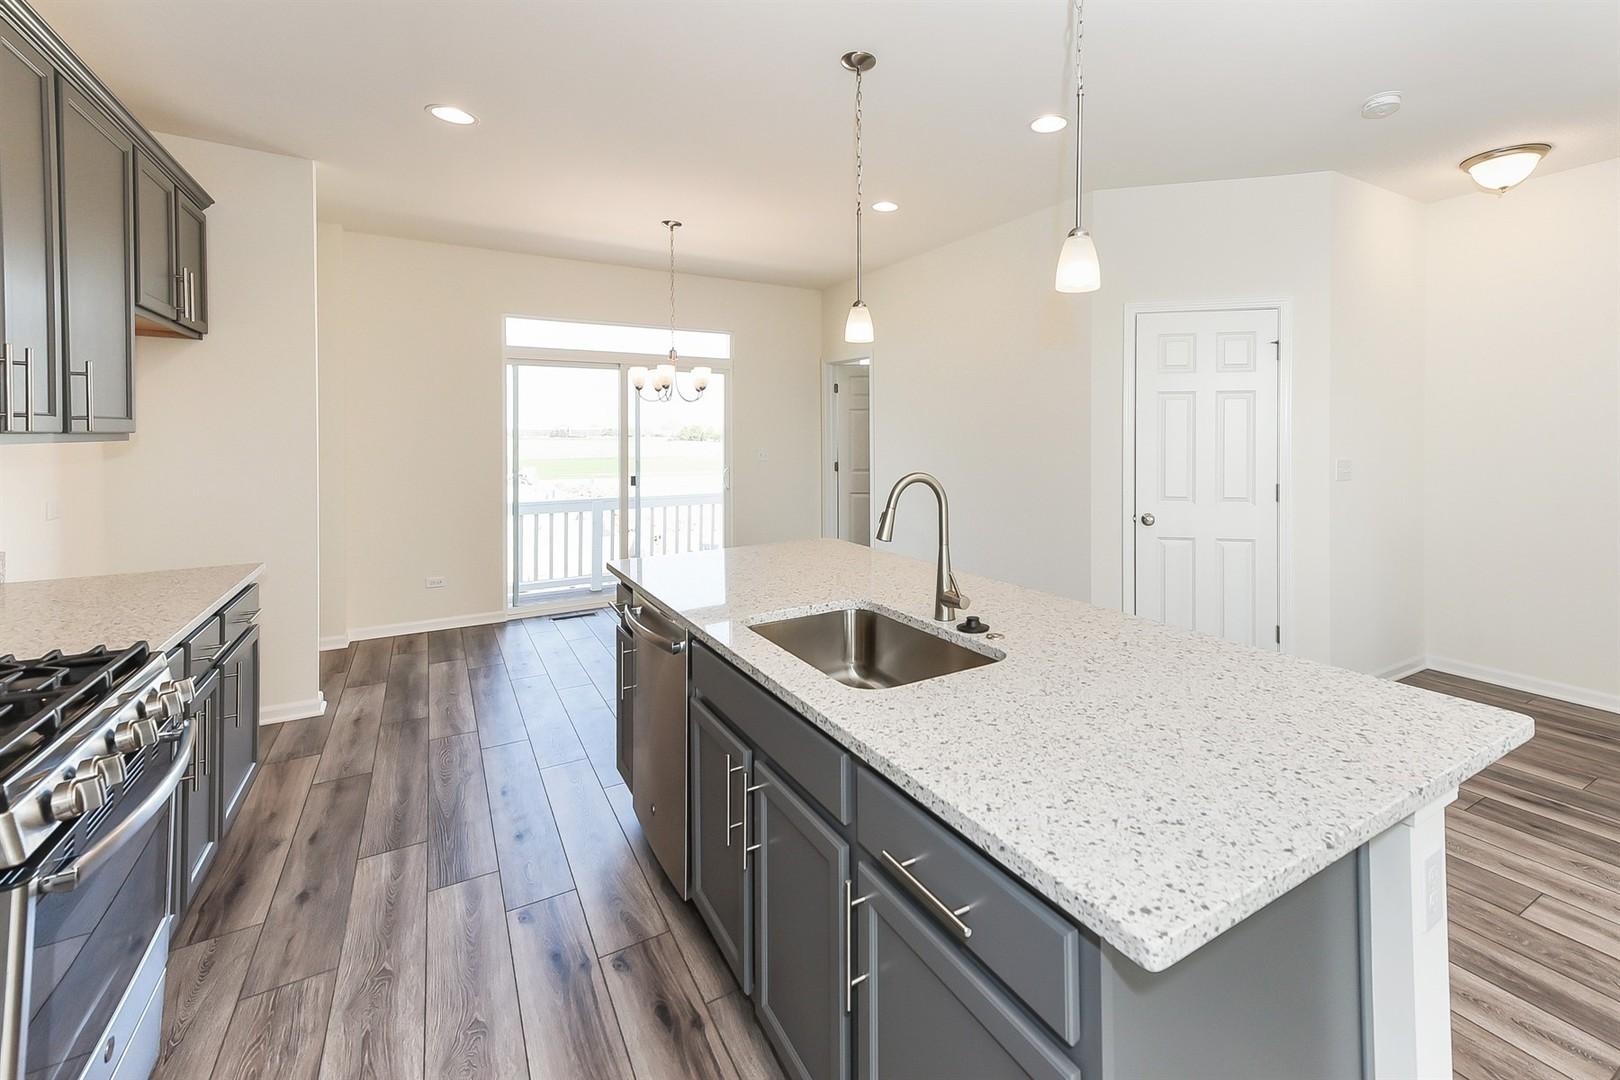 4166 Irving Lot #19.01, AURORA, Illinois, 60504